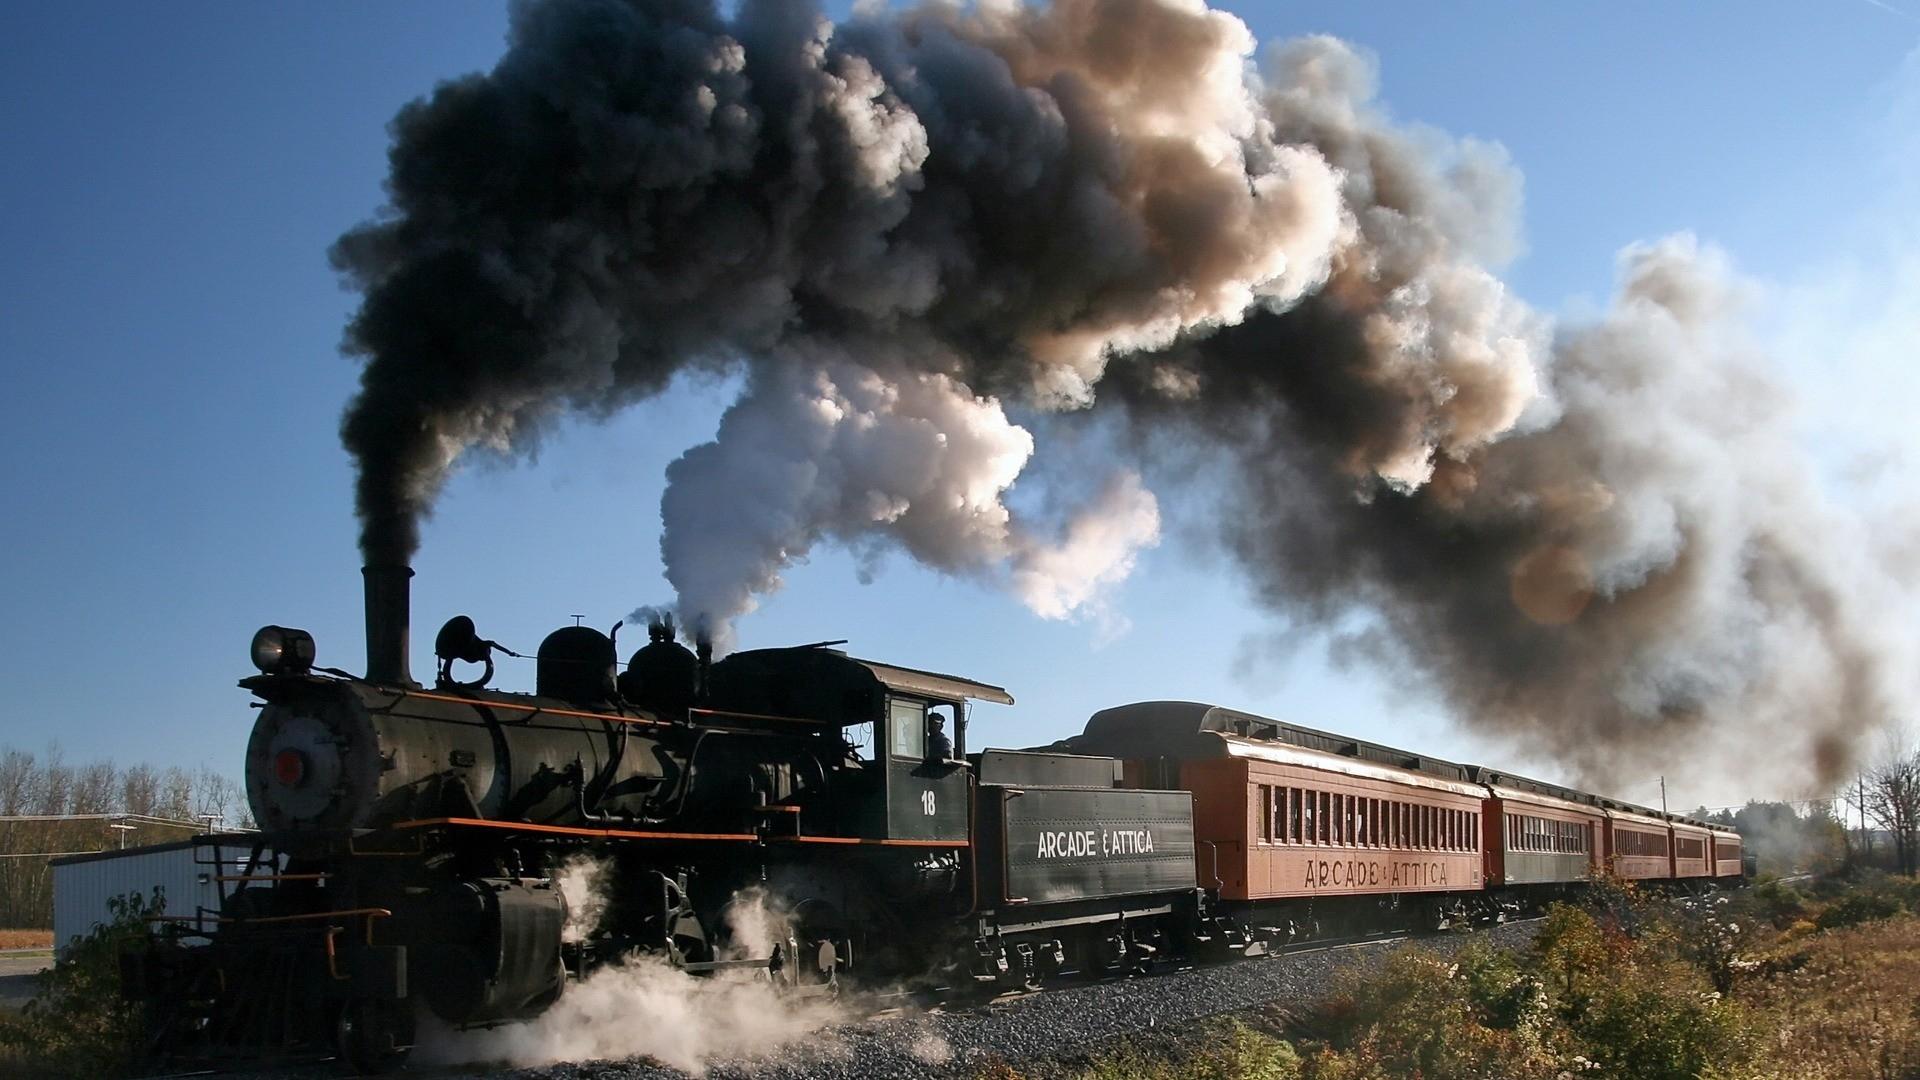 Steam Train Wall Trains Vehicles Trainway Art Hd HD Wallpaper